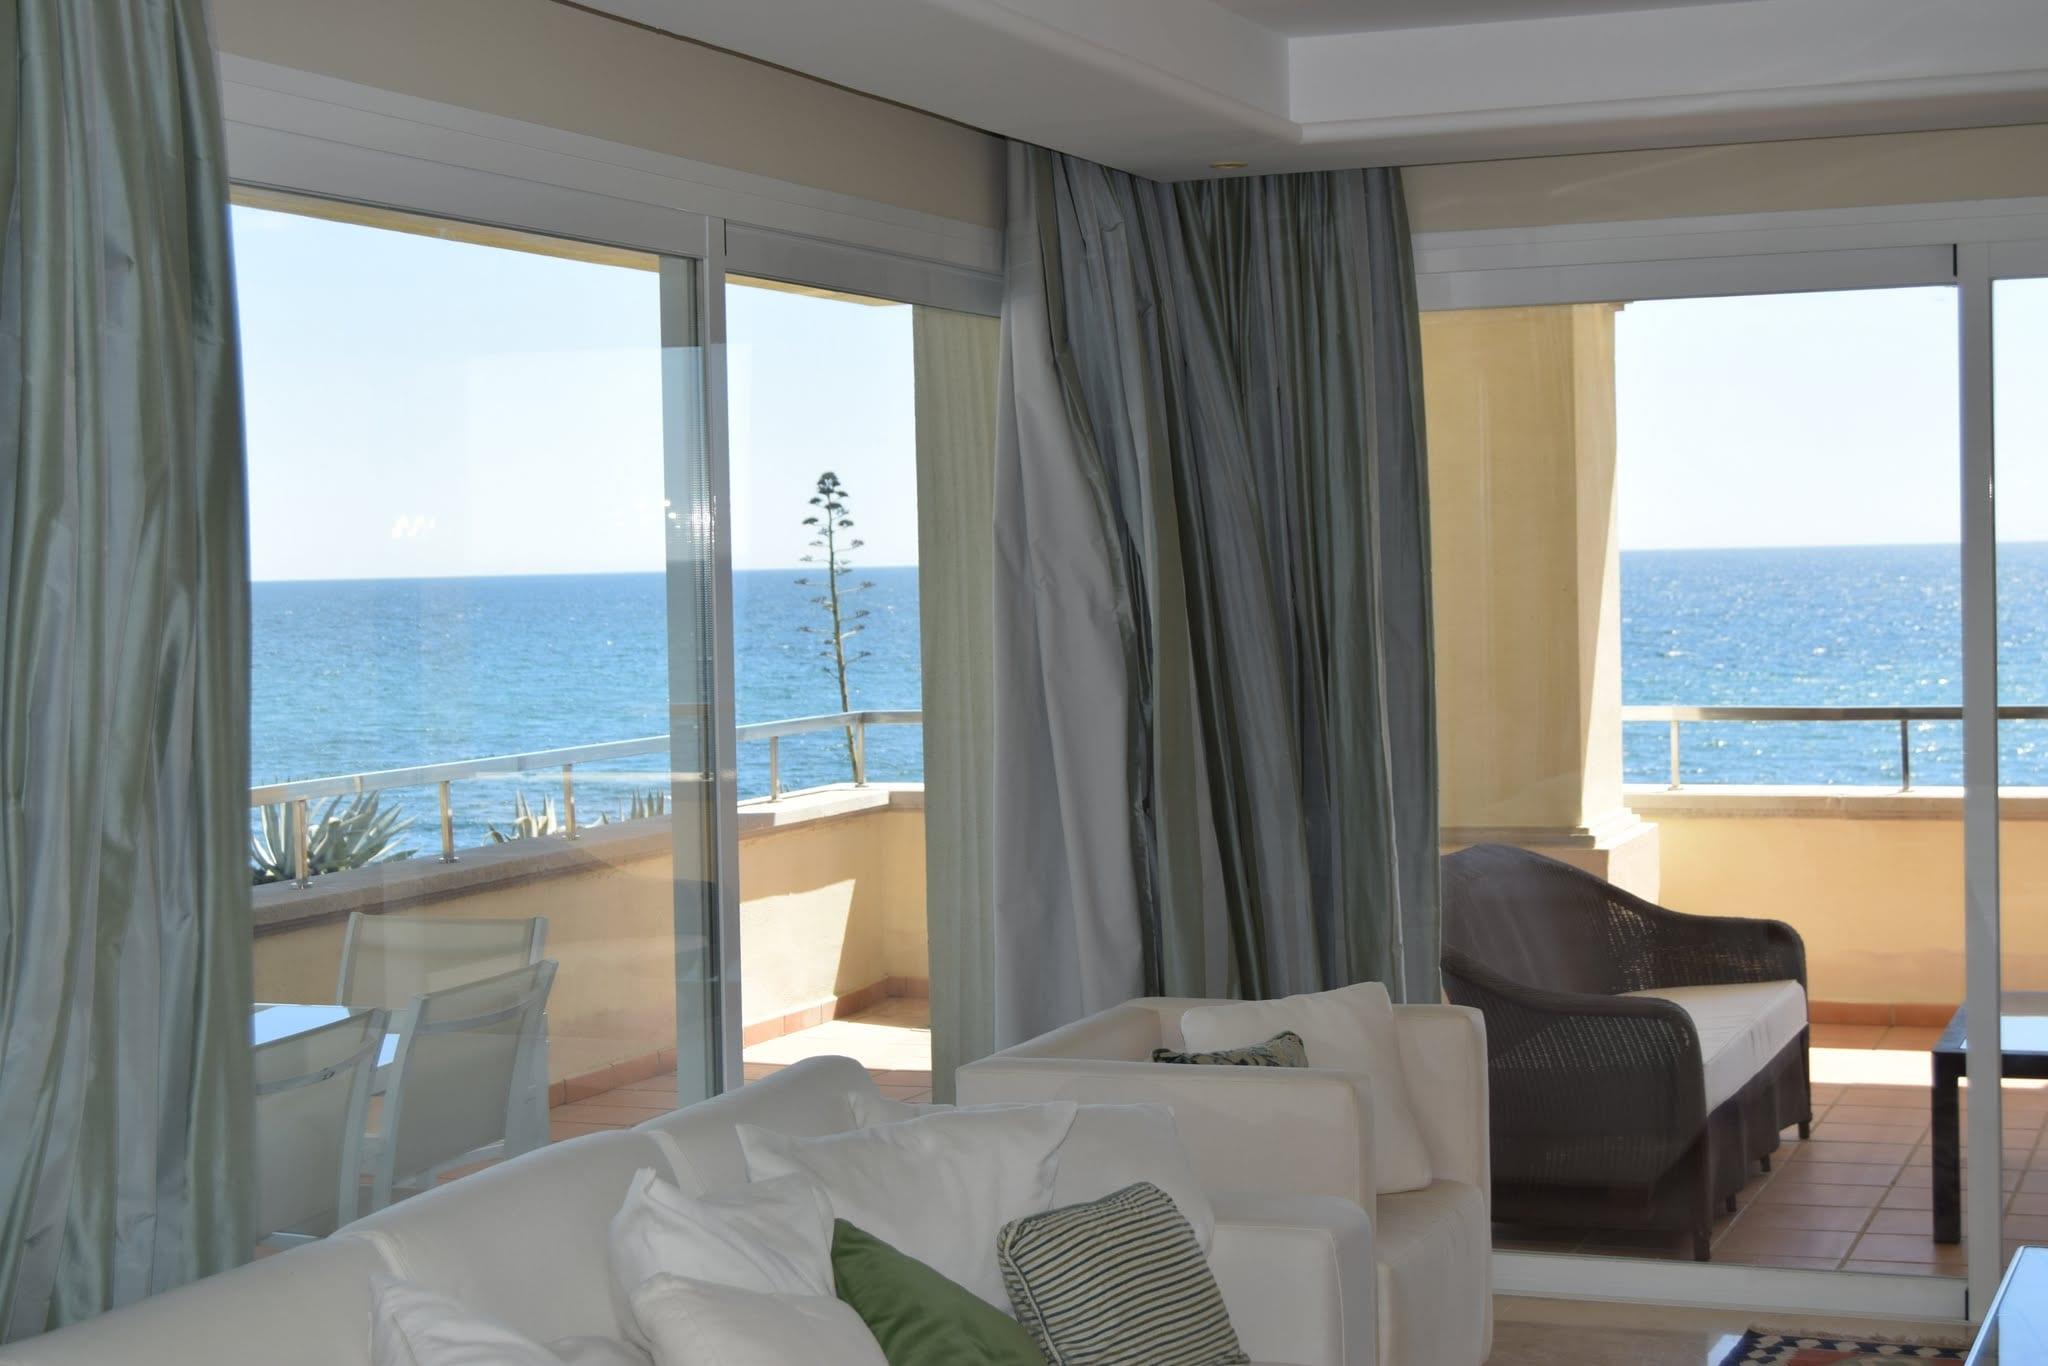 10min westlich von puerto banus 3 bett wohnung direkt am strand. Black Bedroom Furniture Sets. Home Design Ideas